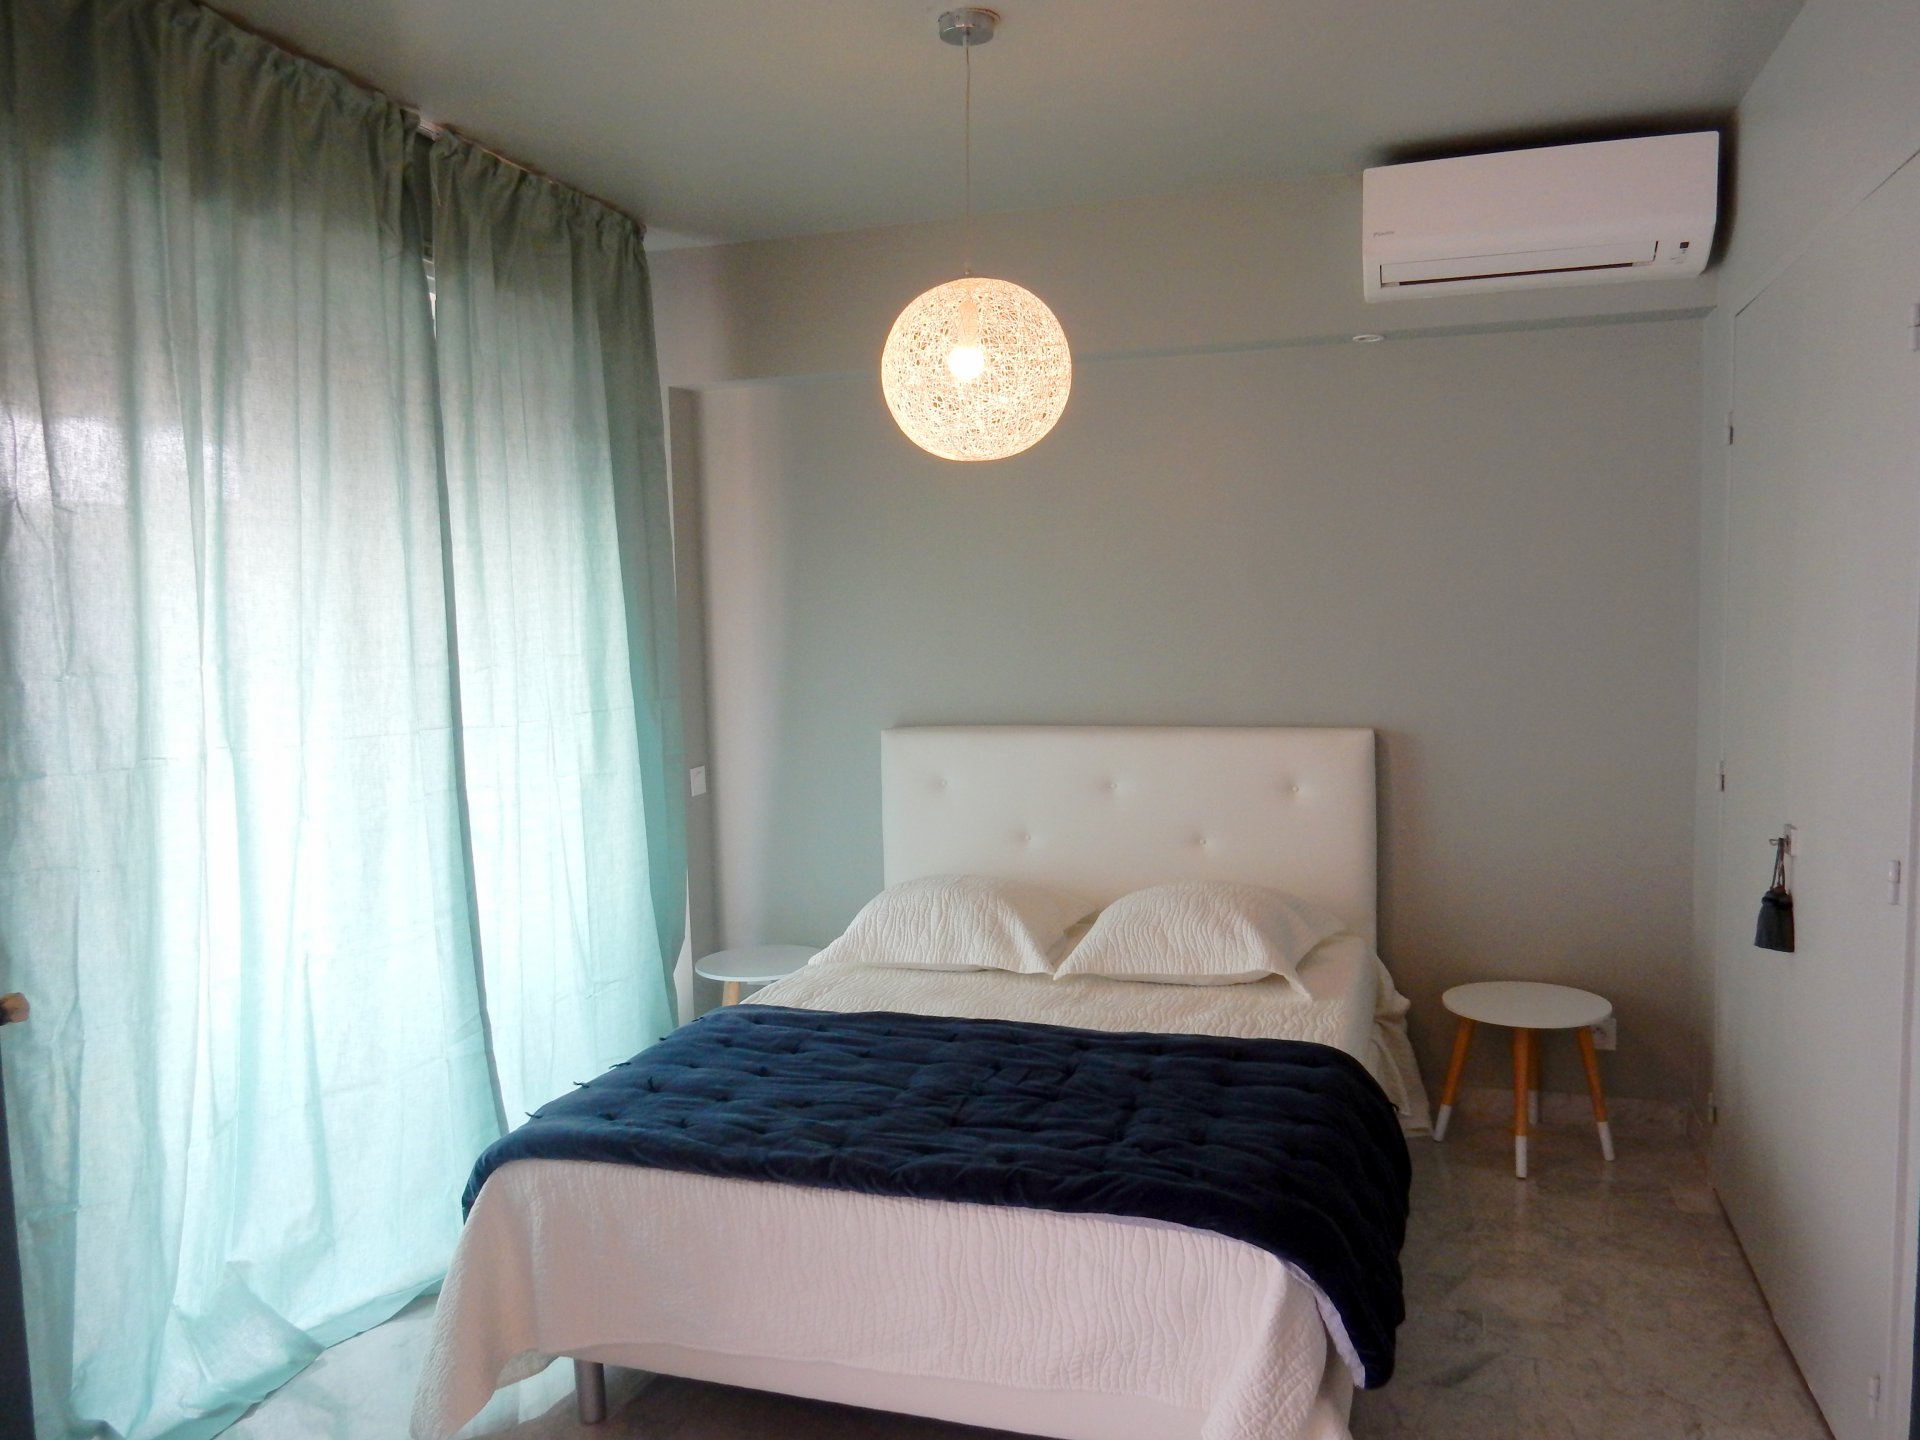 Bedroom, natural light, tile